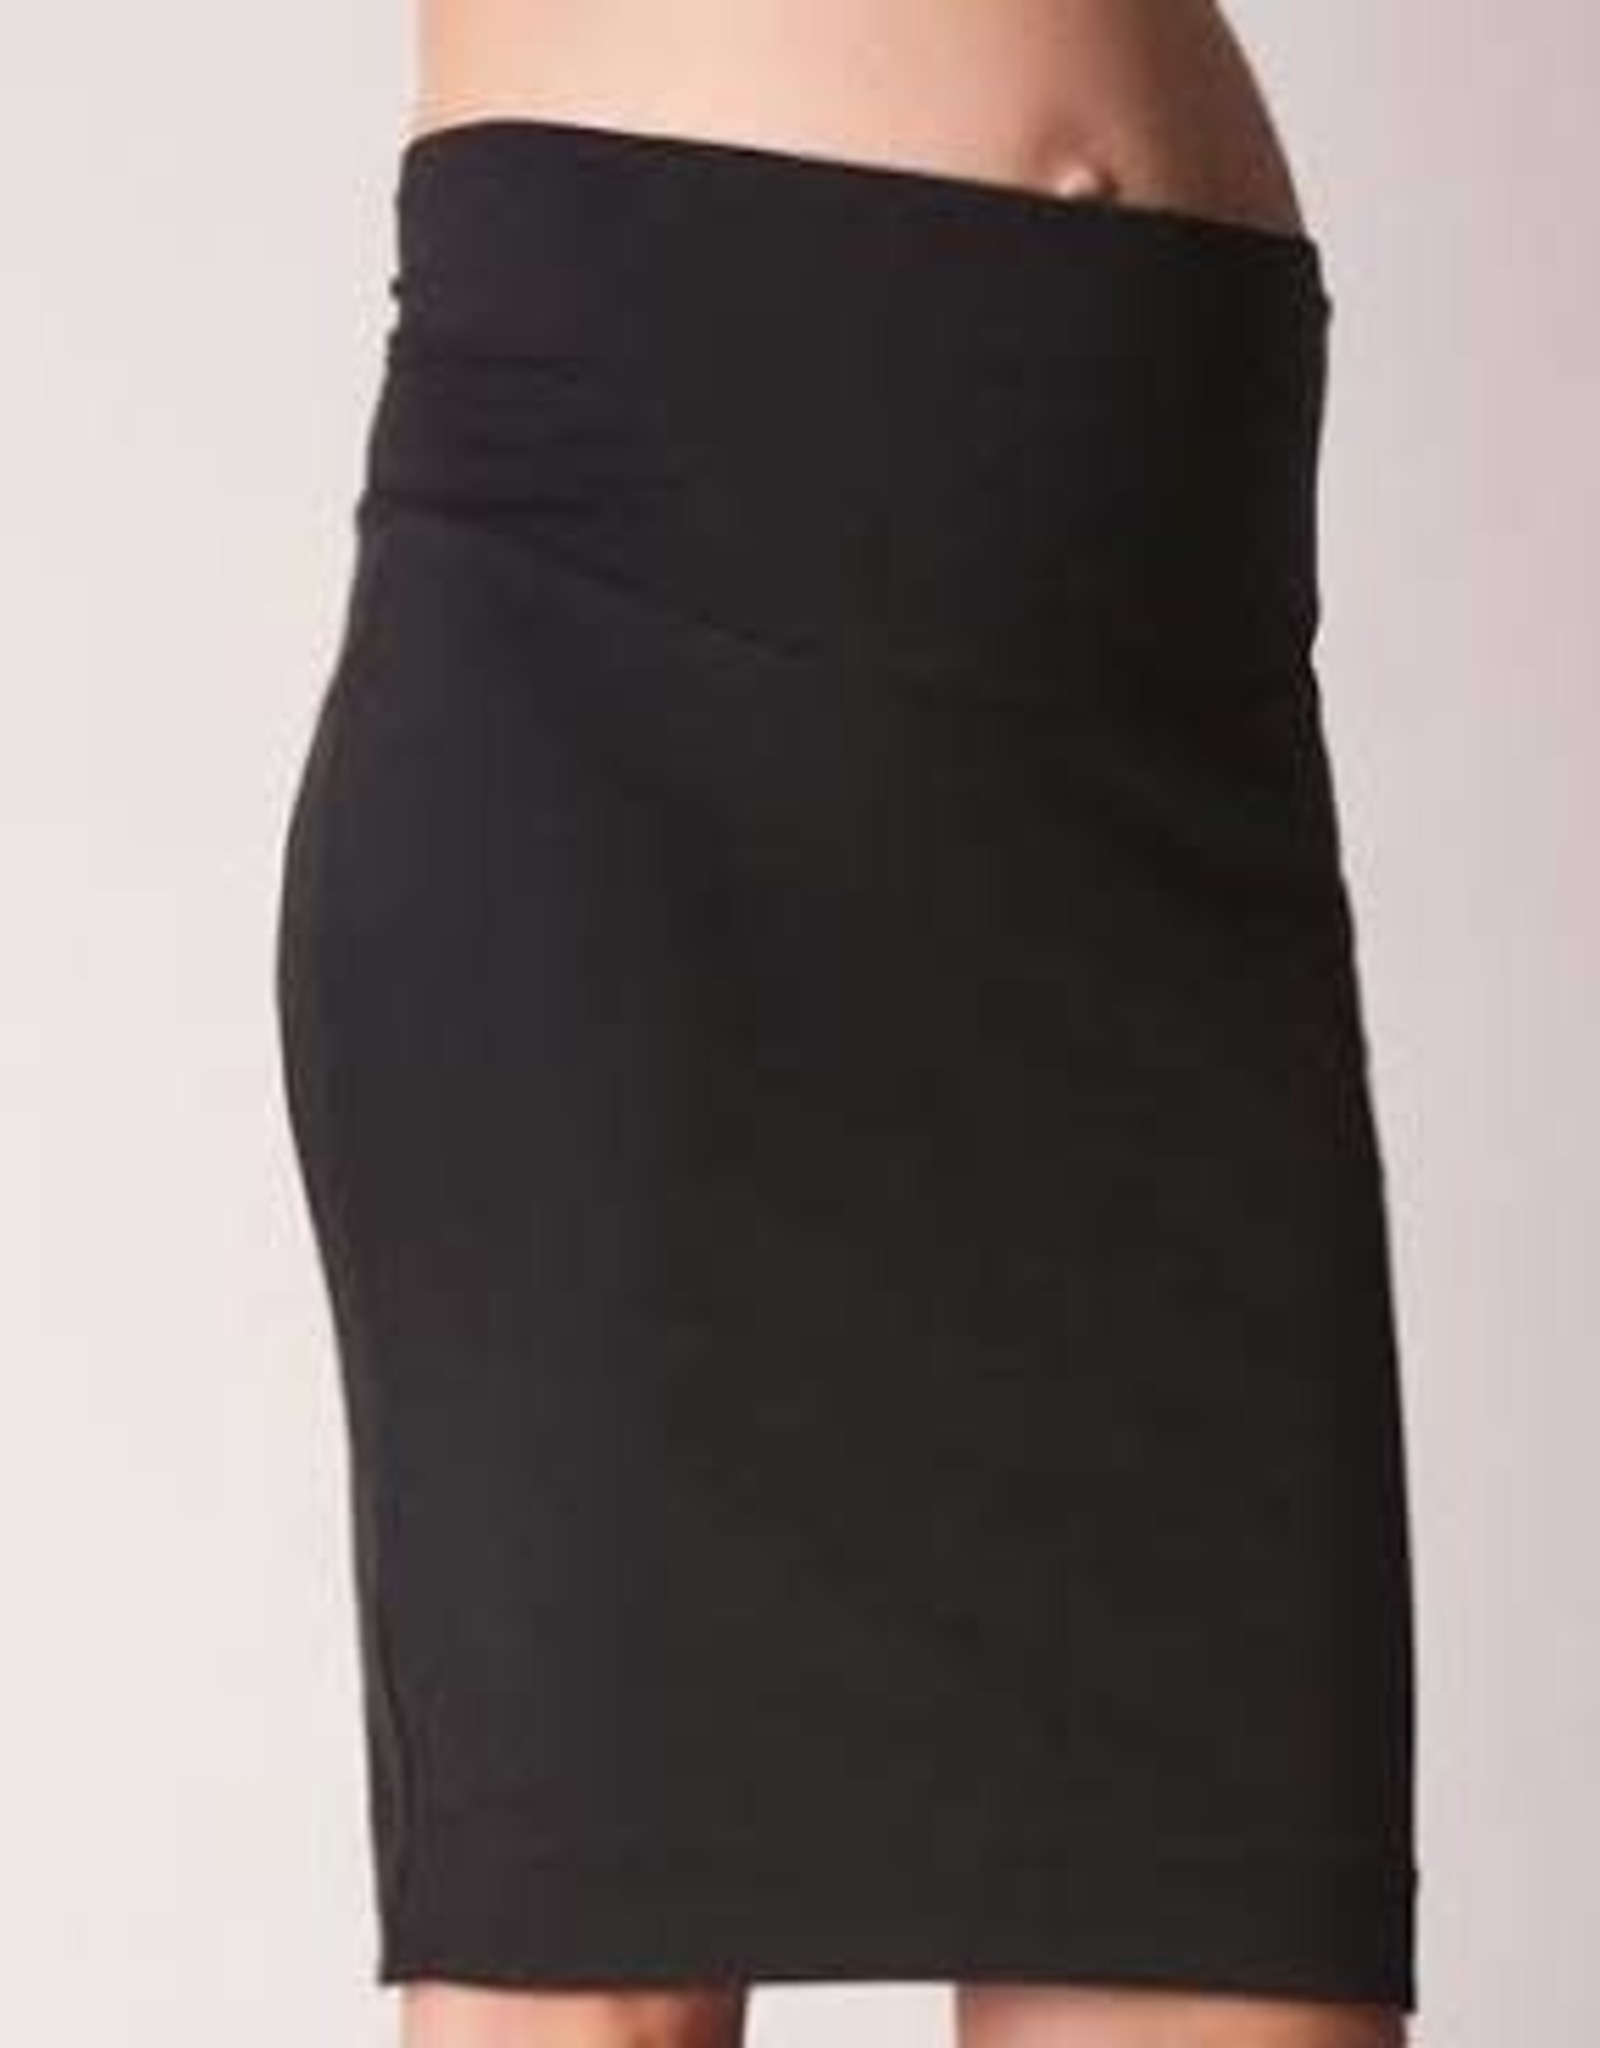 Seraphine Layne Ponte Pencil Skirt